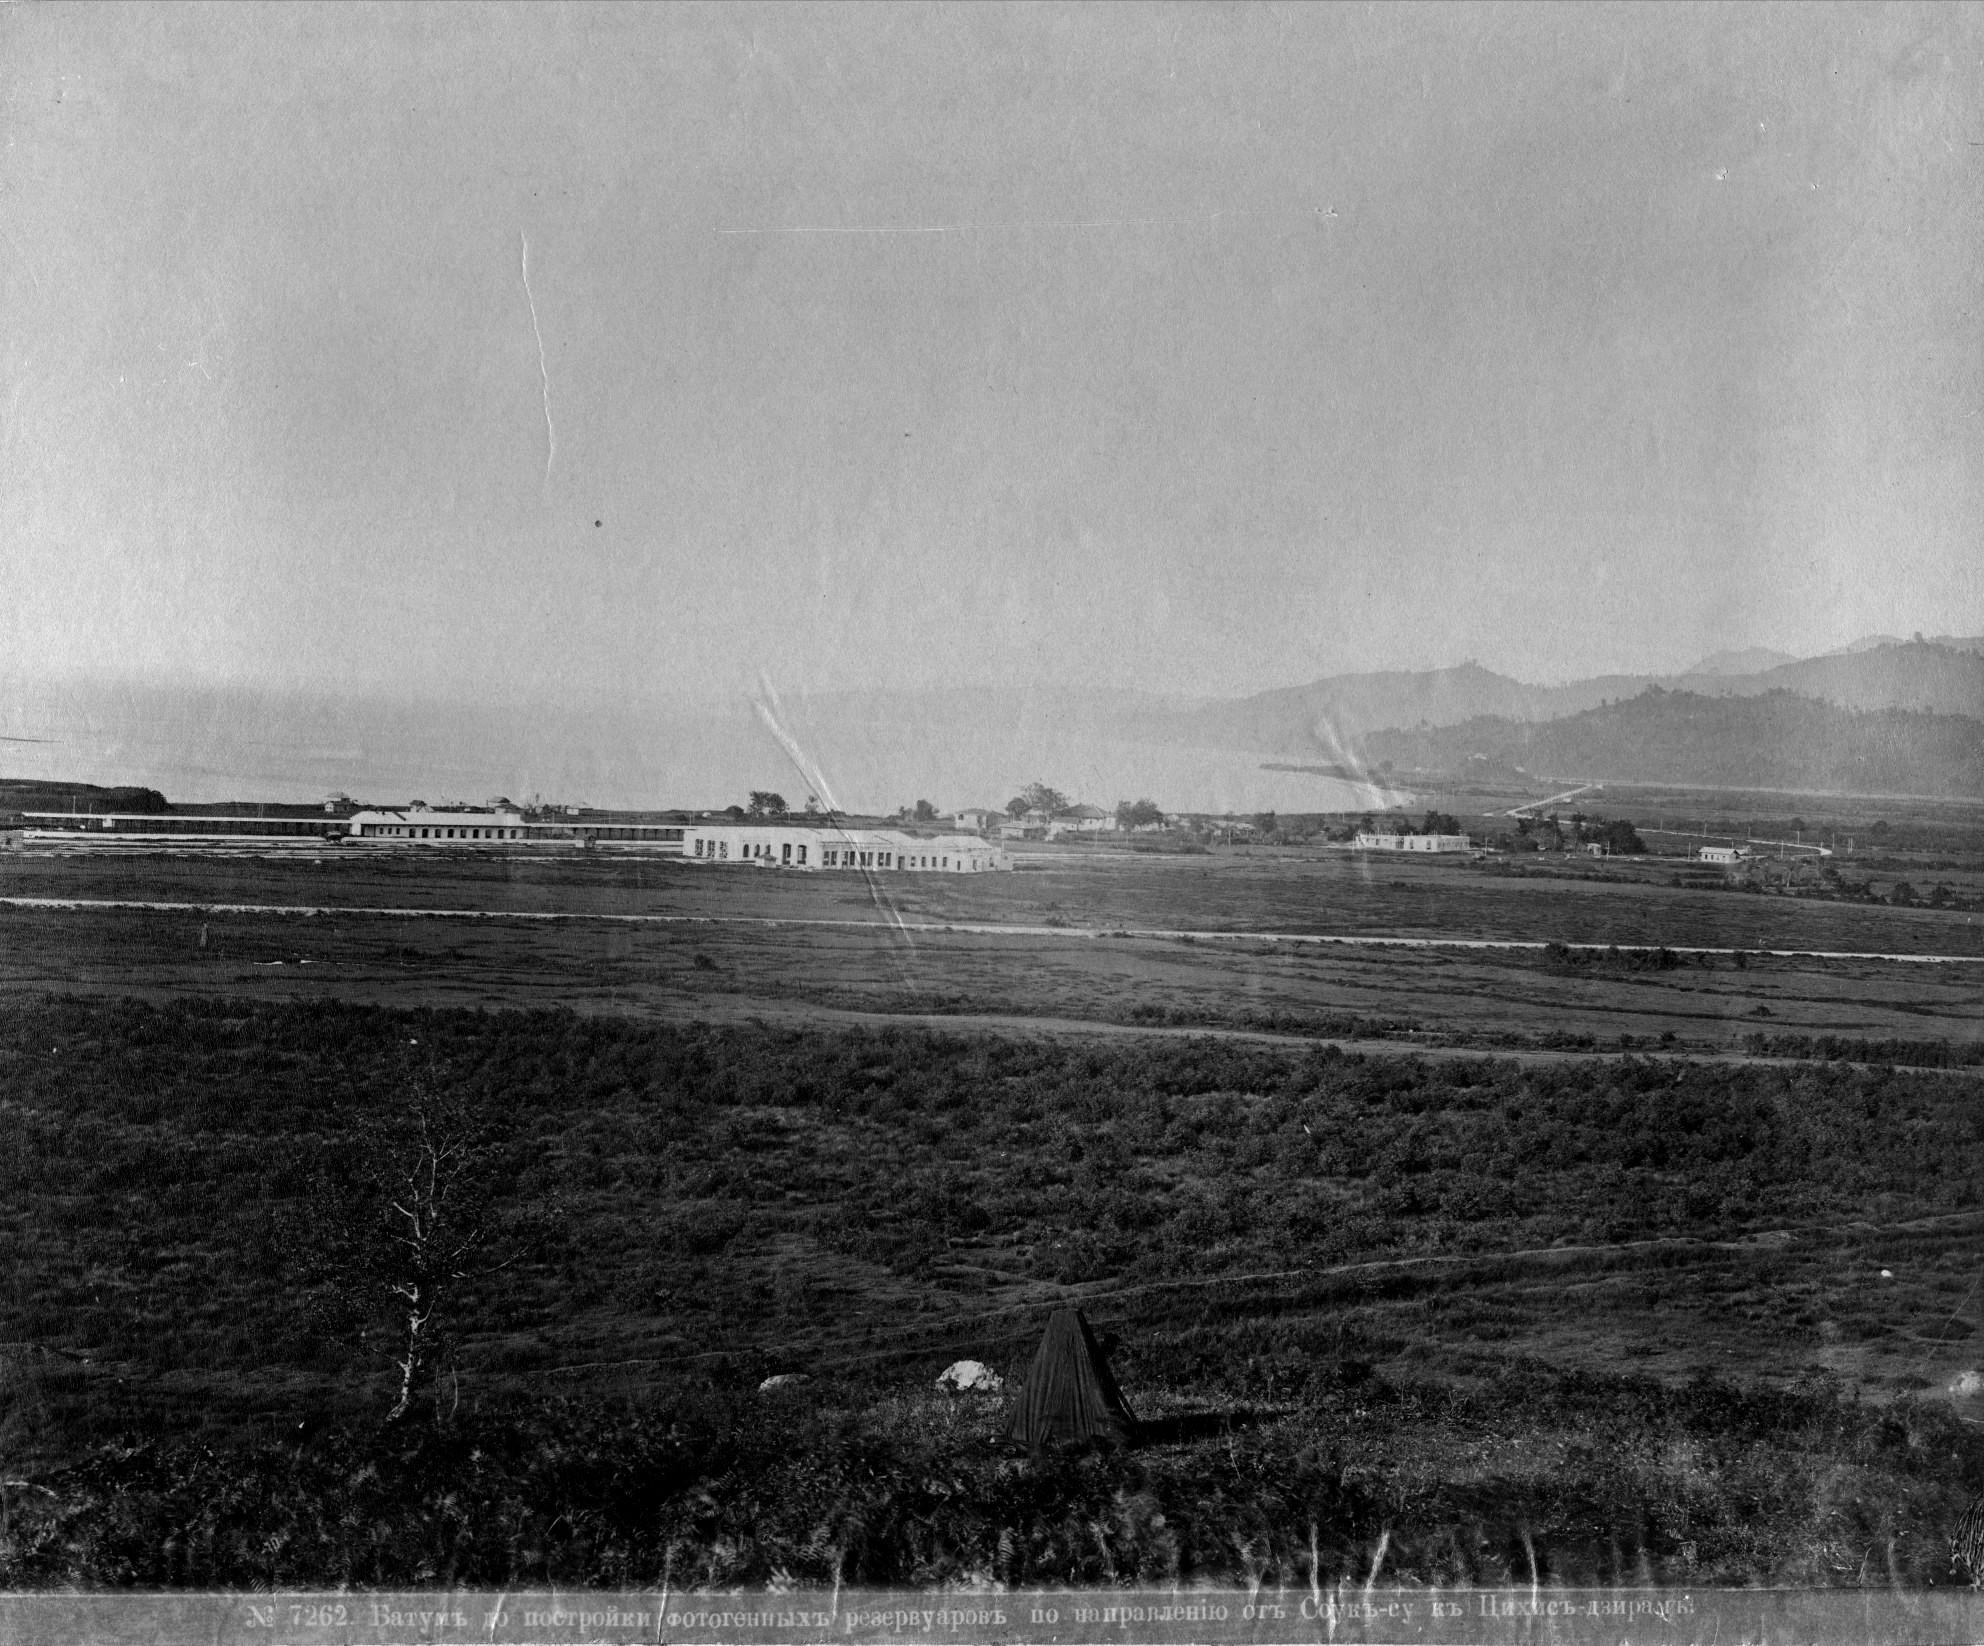 До постройки фотогенных резервуаров по направлению от Соук-су к Цихис-дзири